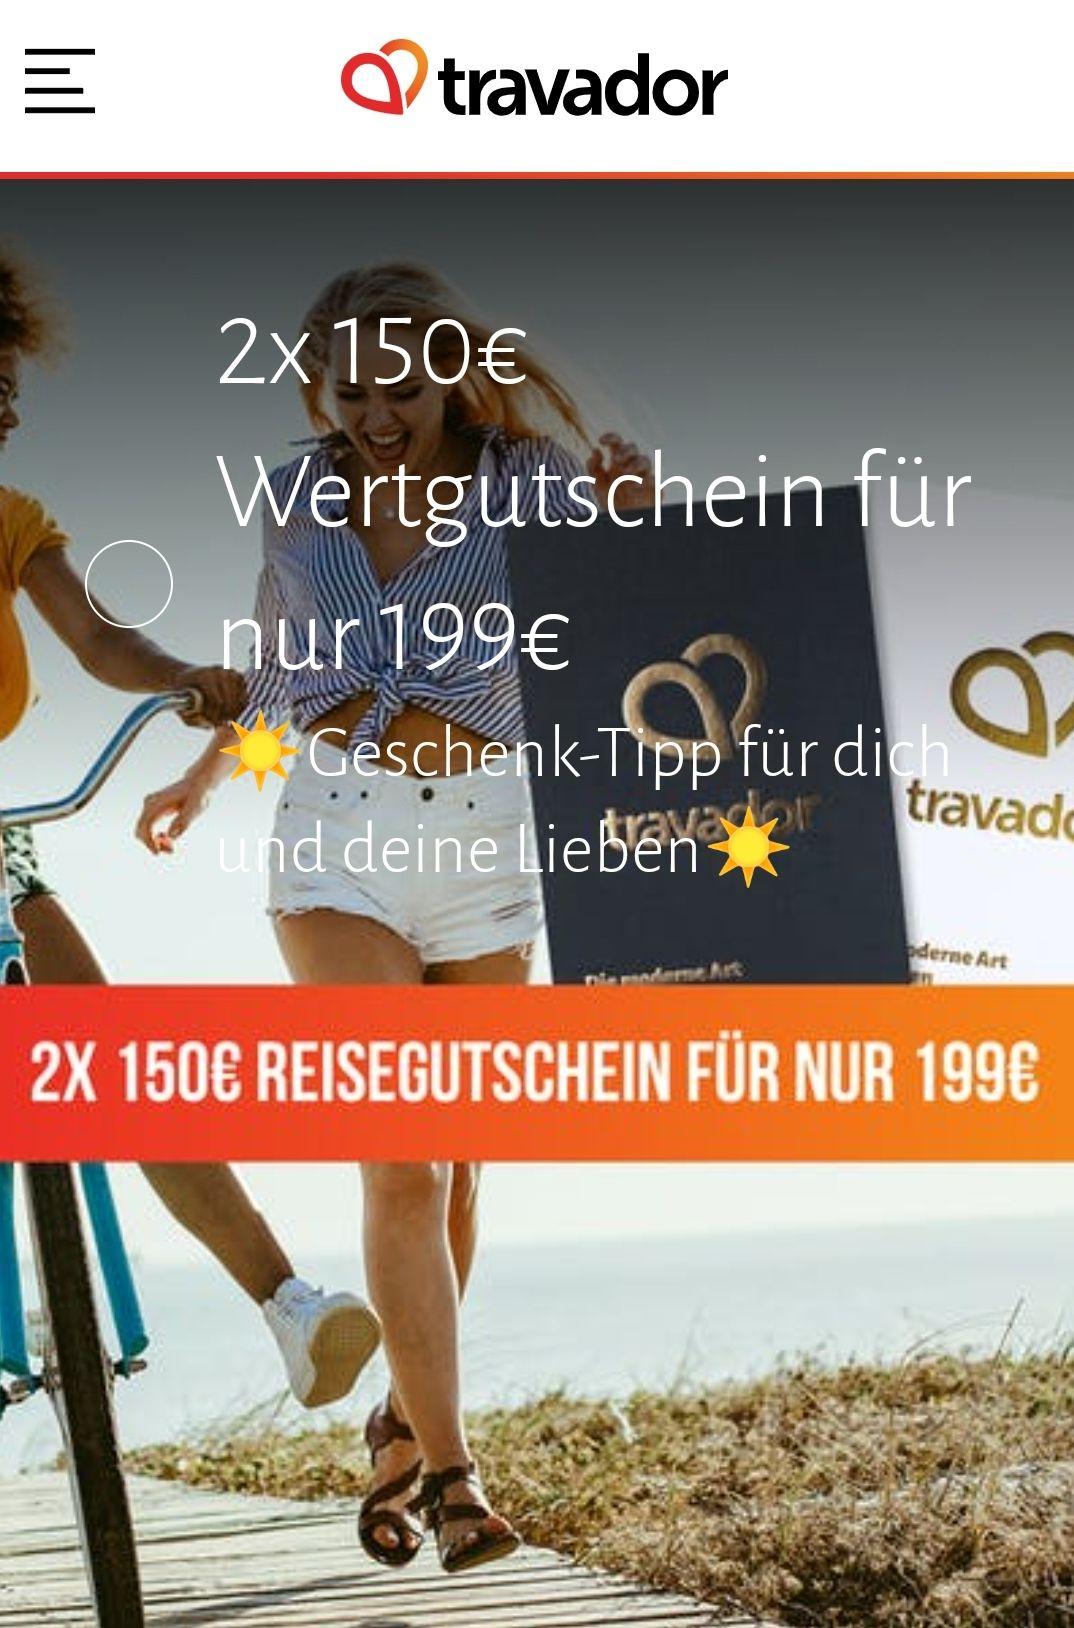 Travador Geschenkgutschene für alle Hotelangebote im Wert von 300,- € (2x150,- €) für 199,-€ (einlösbar ab 6.1.2021, bis Ende 2022)